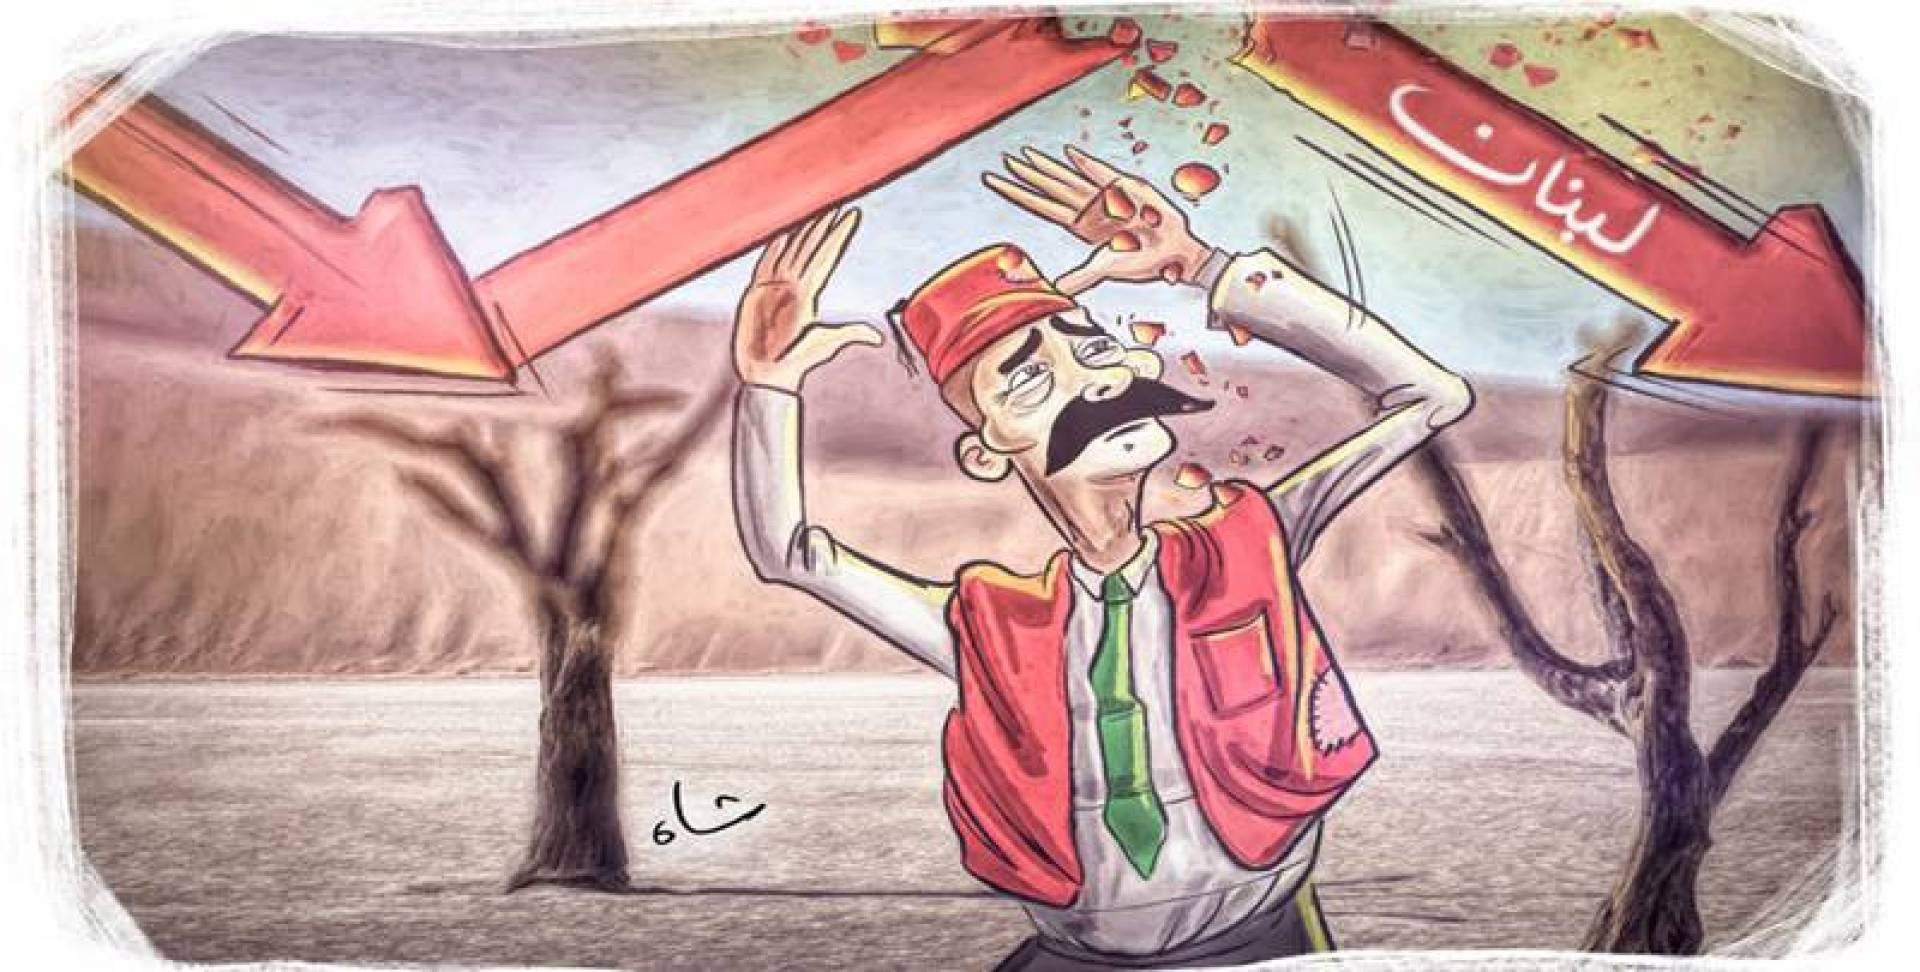 لبنان بين الكارثة وخطة «مارشال»!